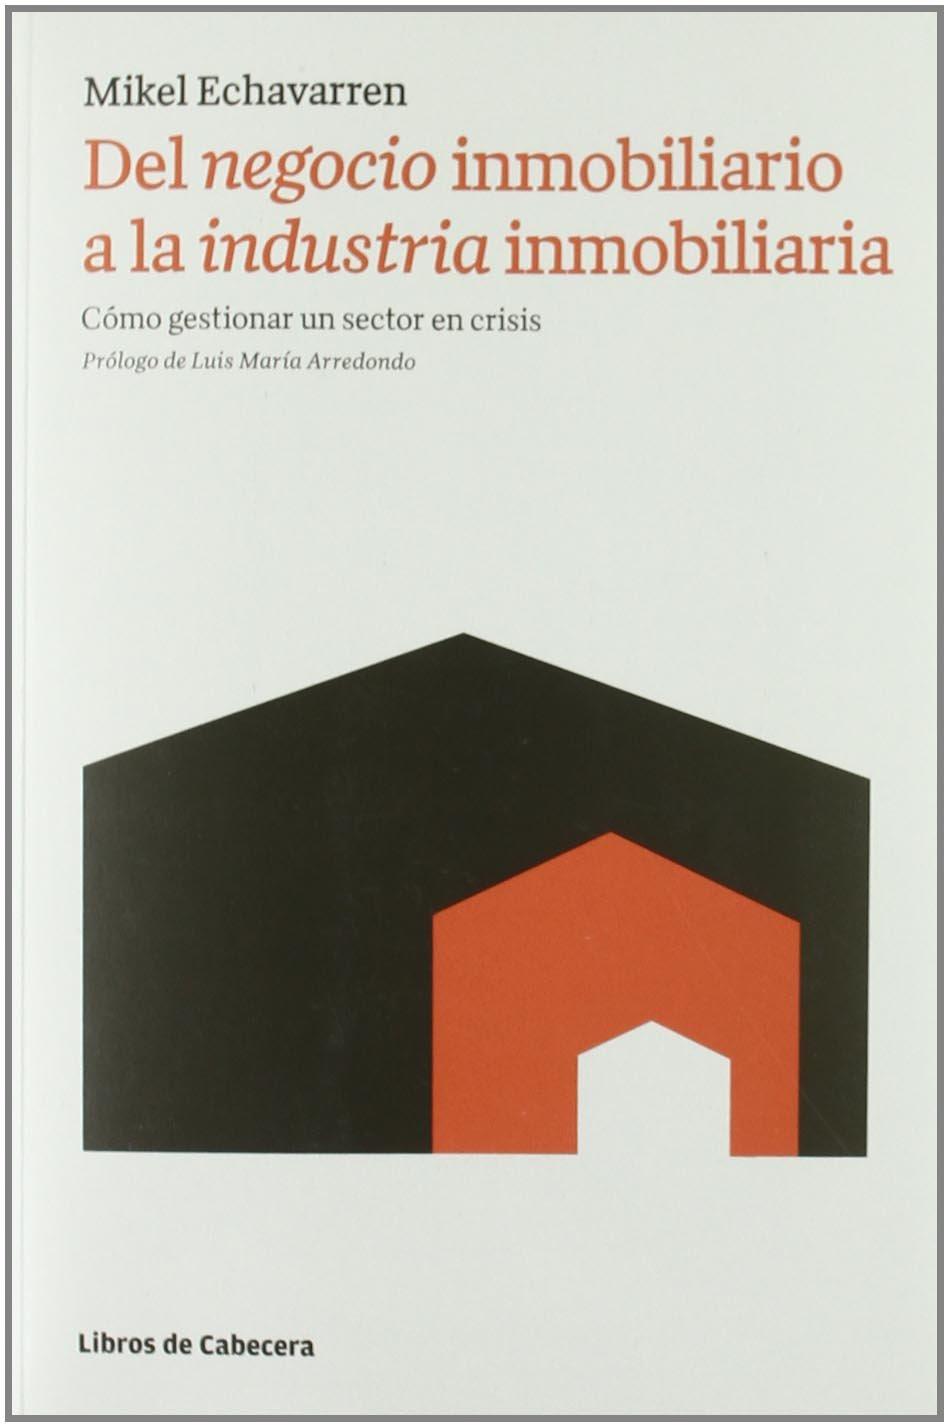 Negocio Inmobiliario A La Industr: Cómo gestionar un sector en crisis Temáticos: Amazon.es: Echavarren Pablos, Mikel, Arredondo Malo, Luis María: Libros